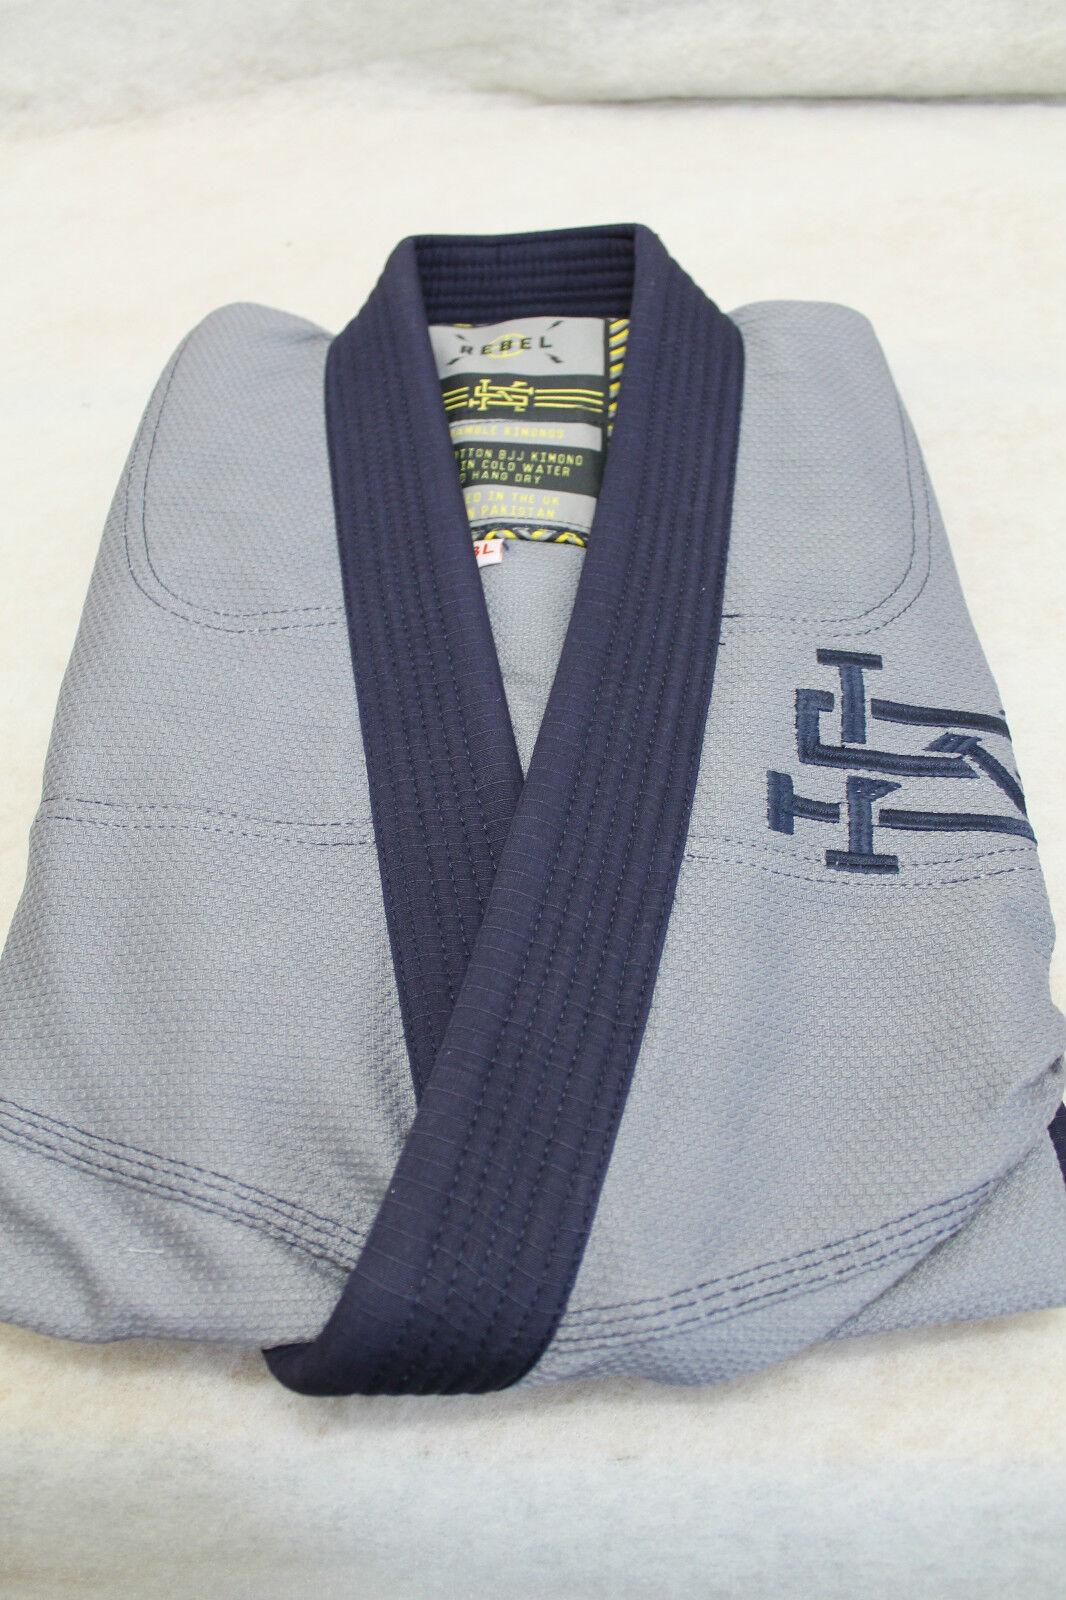 NEU  Scramble  Rebel  Jiu Jitsu Gi Kimono - Blau   Grau